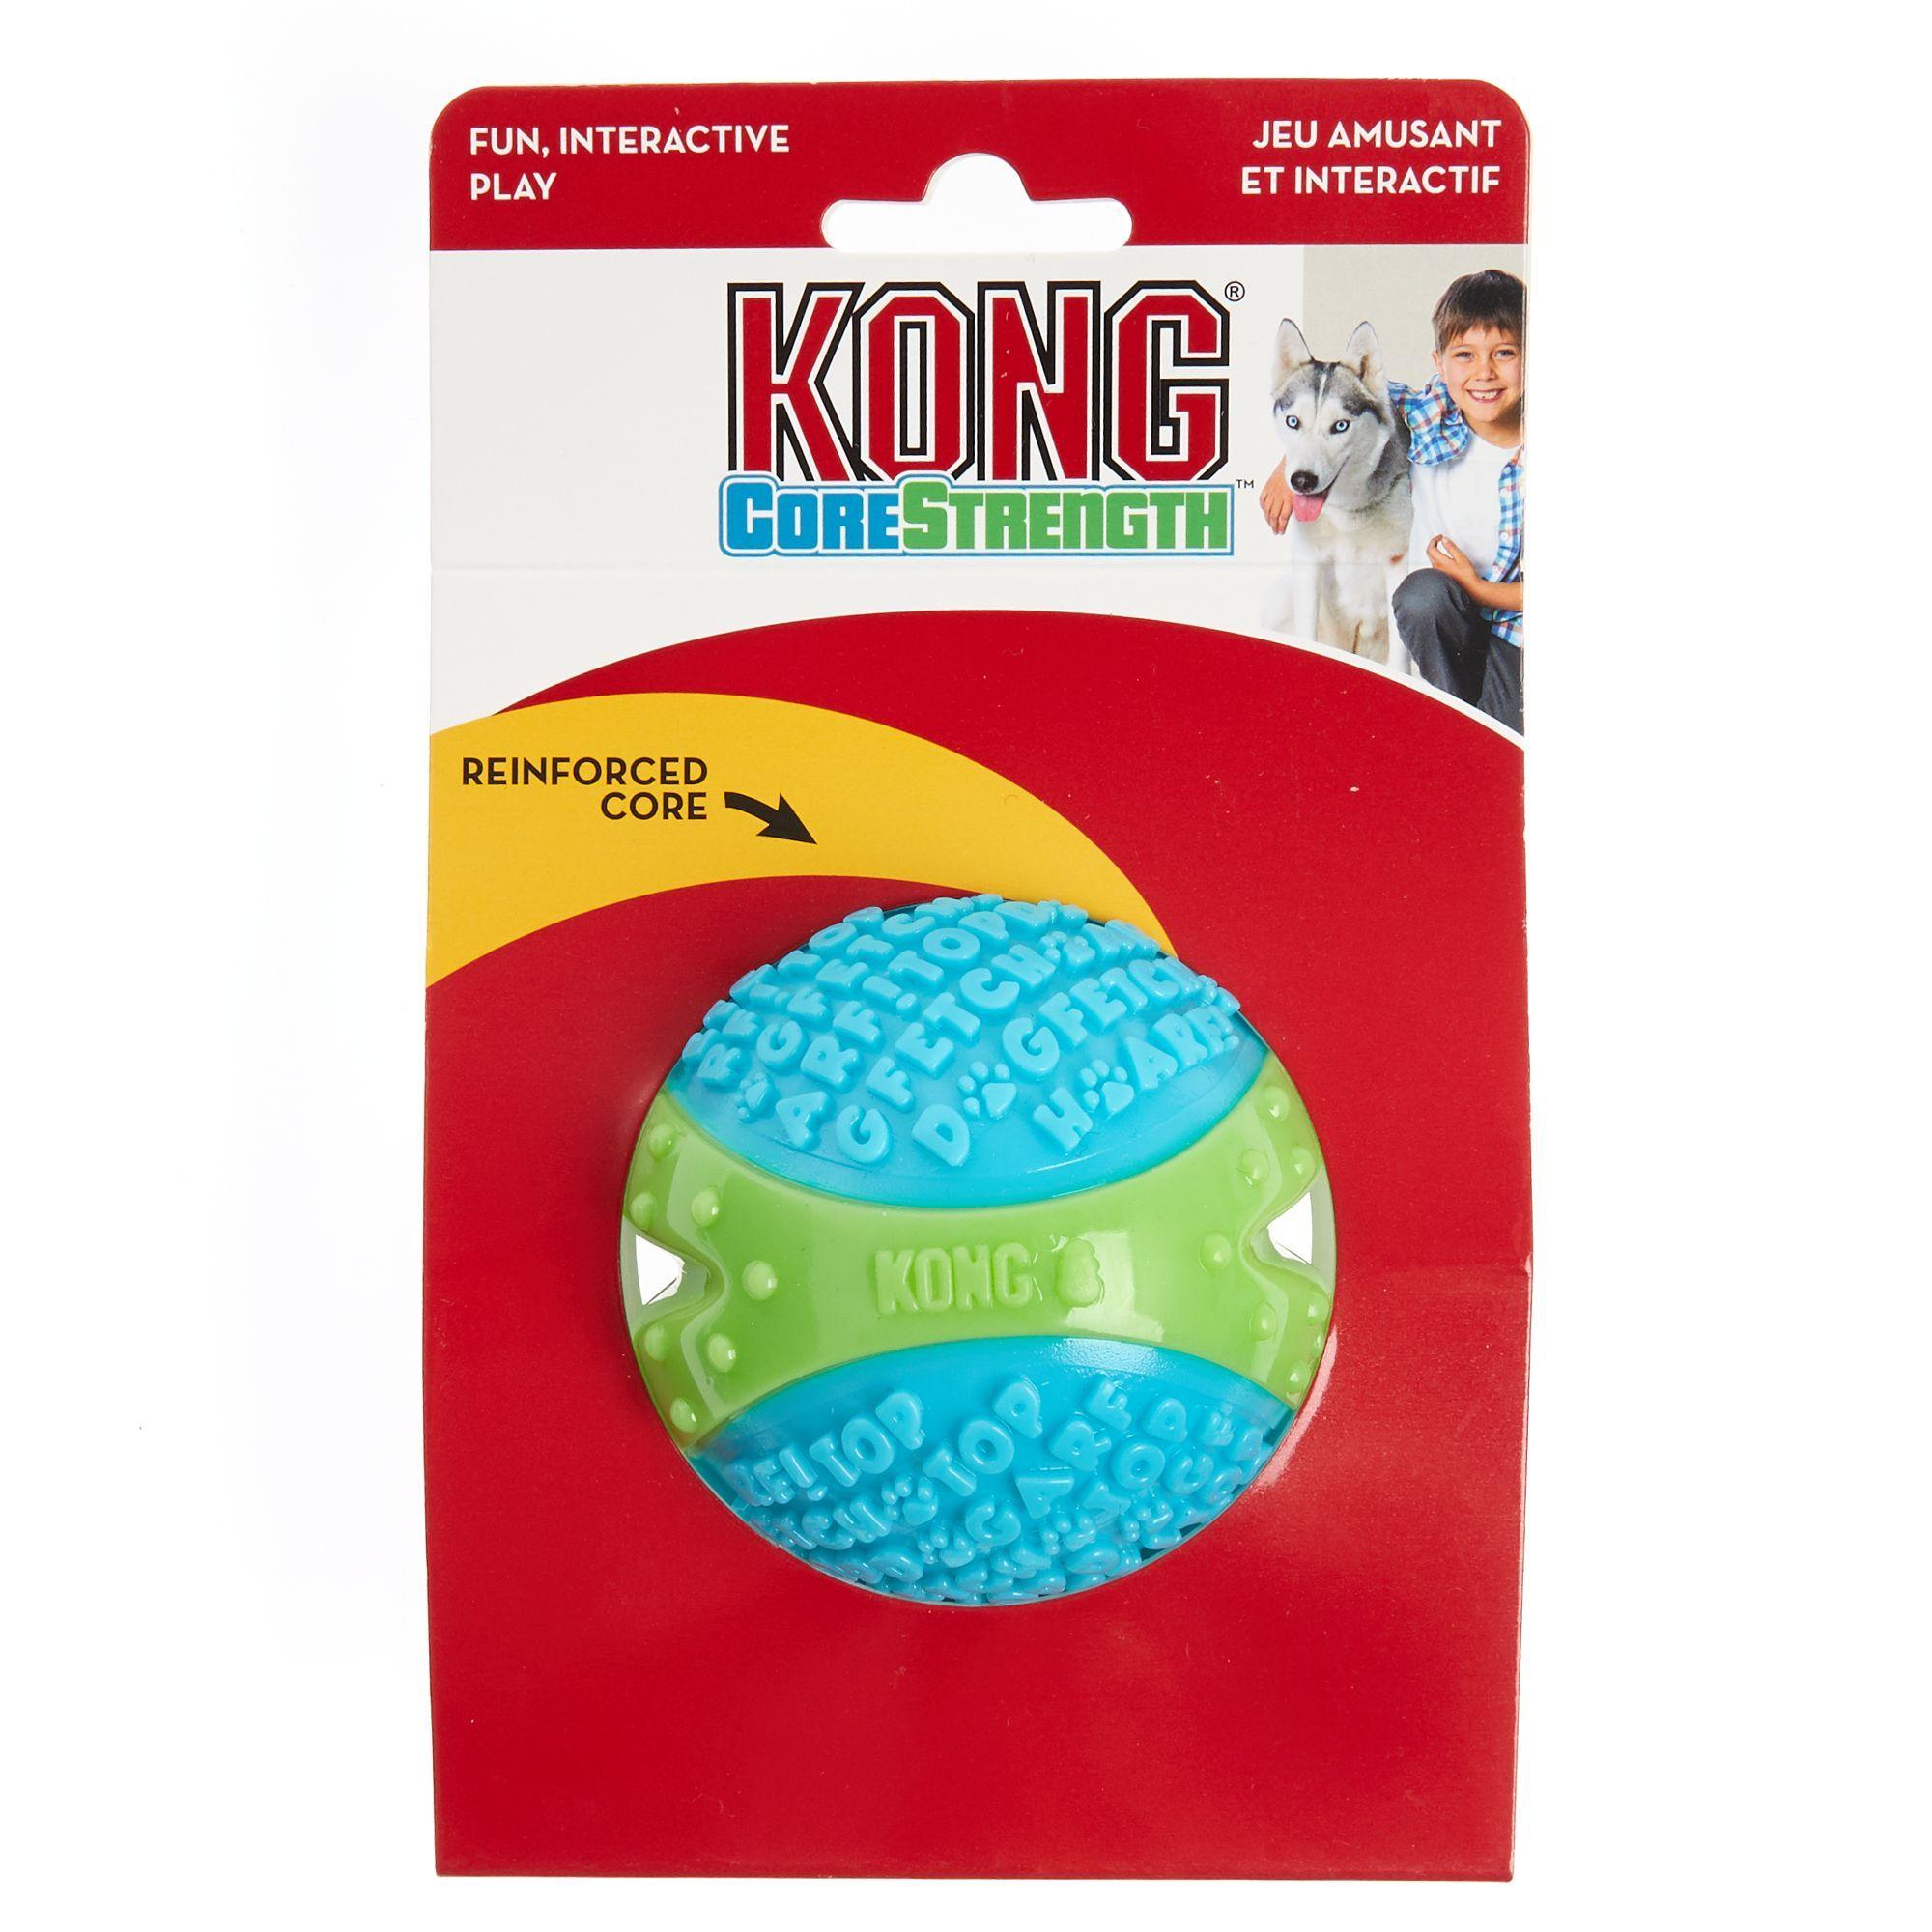 Kong Corestrength Ball Dog Toy Size Medium Blue Green